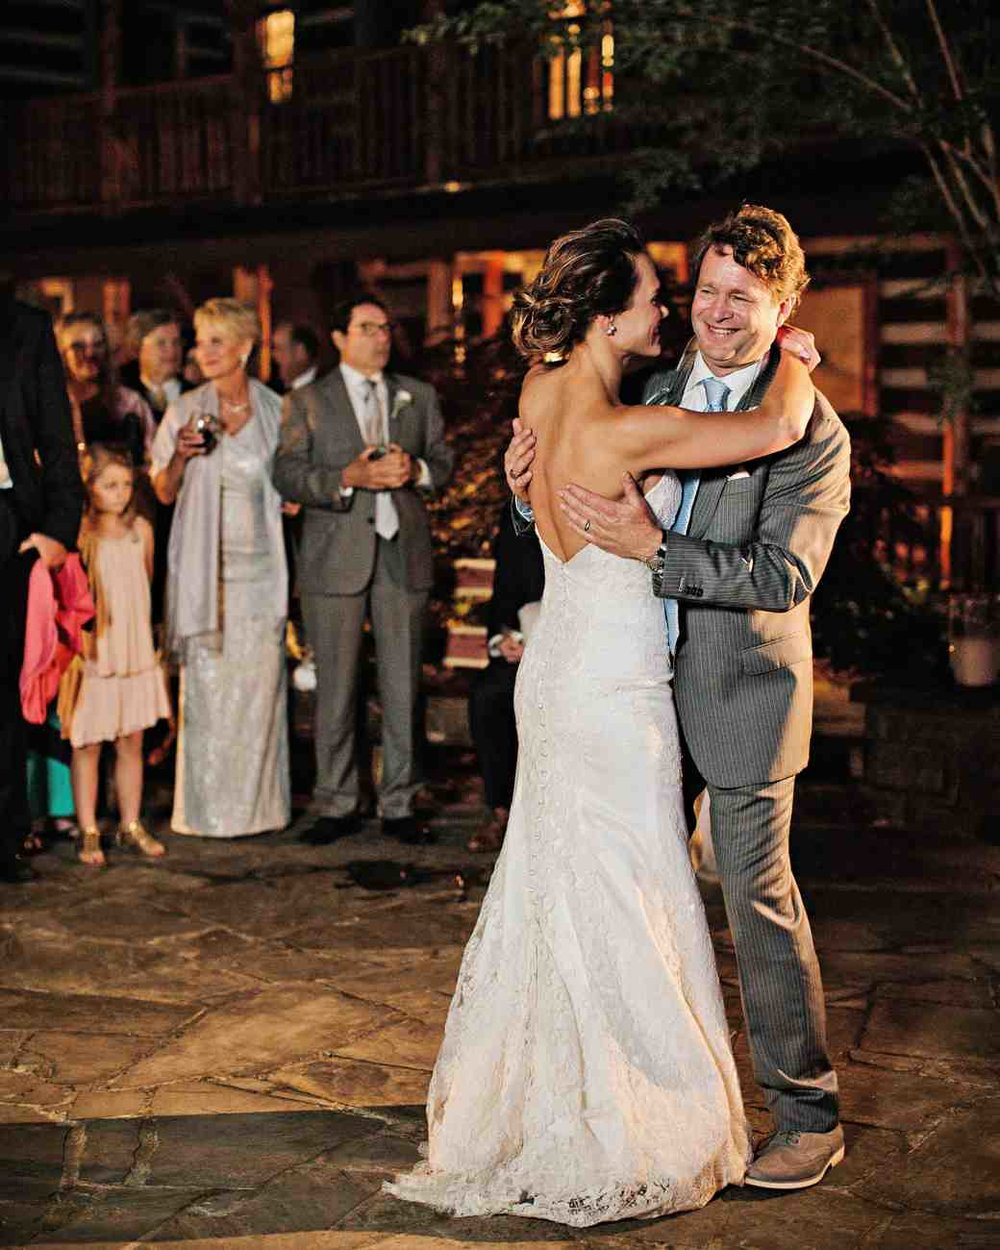 memree-rich-wedding-firstdance-813-6257086-0217_vert.jpg